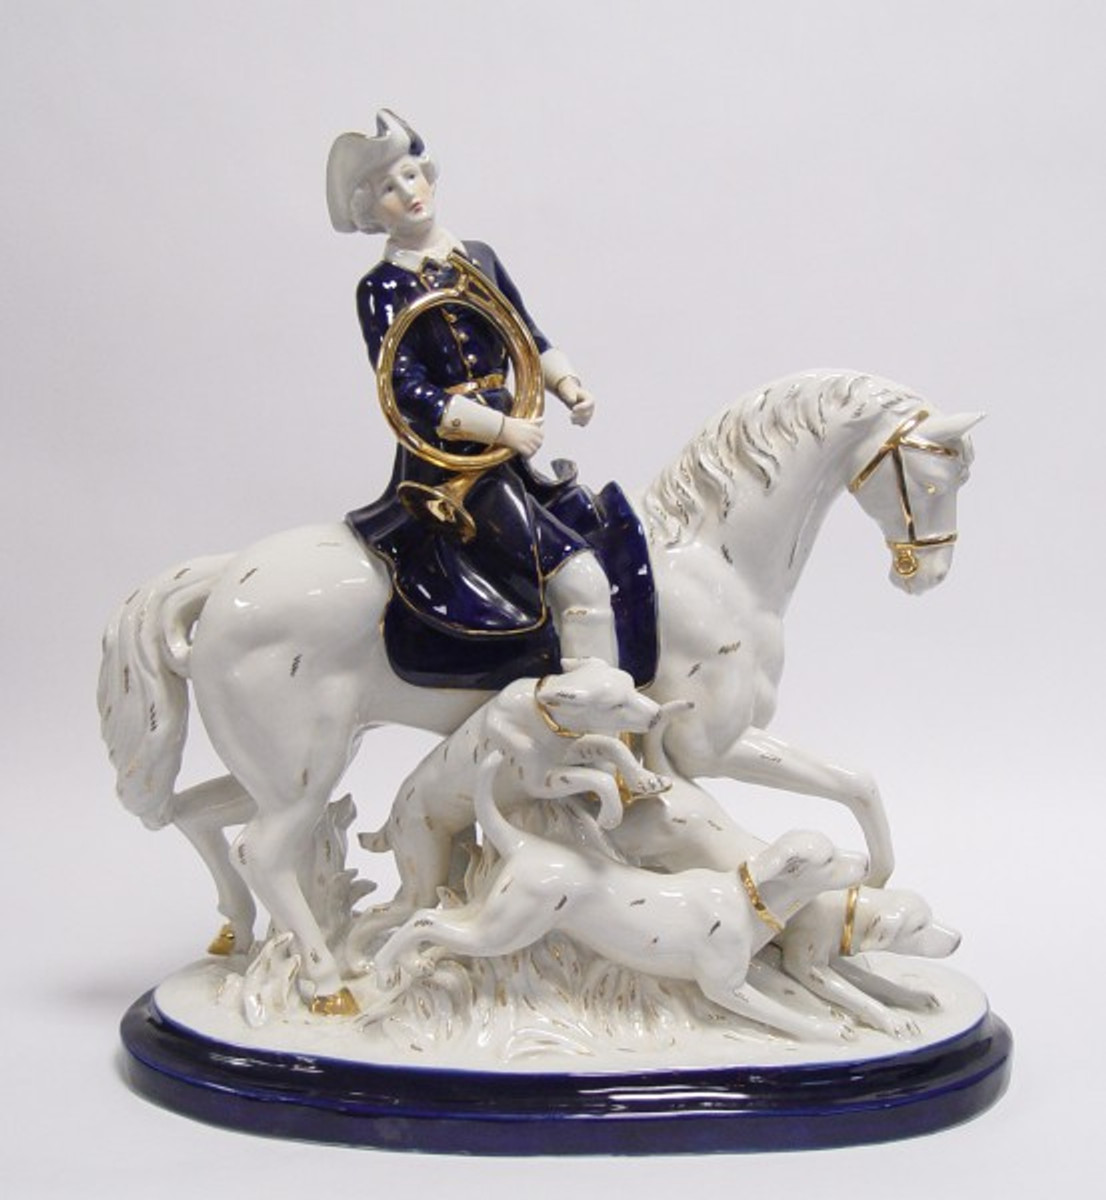 Reiter Porzellanfigur mit Horn und Trompete auf der Jagd als antike Dekoration.